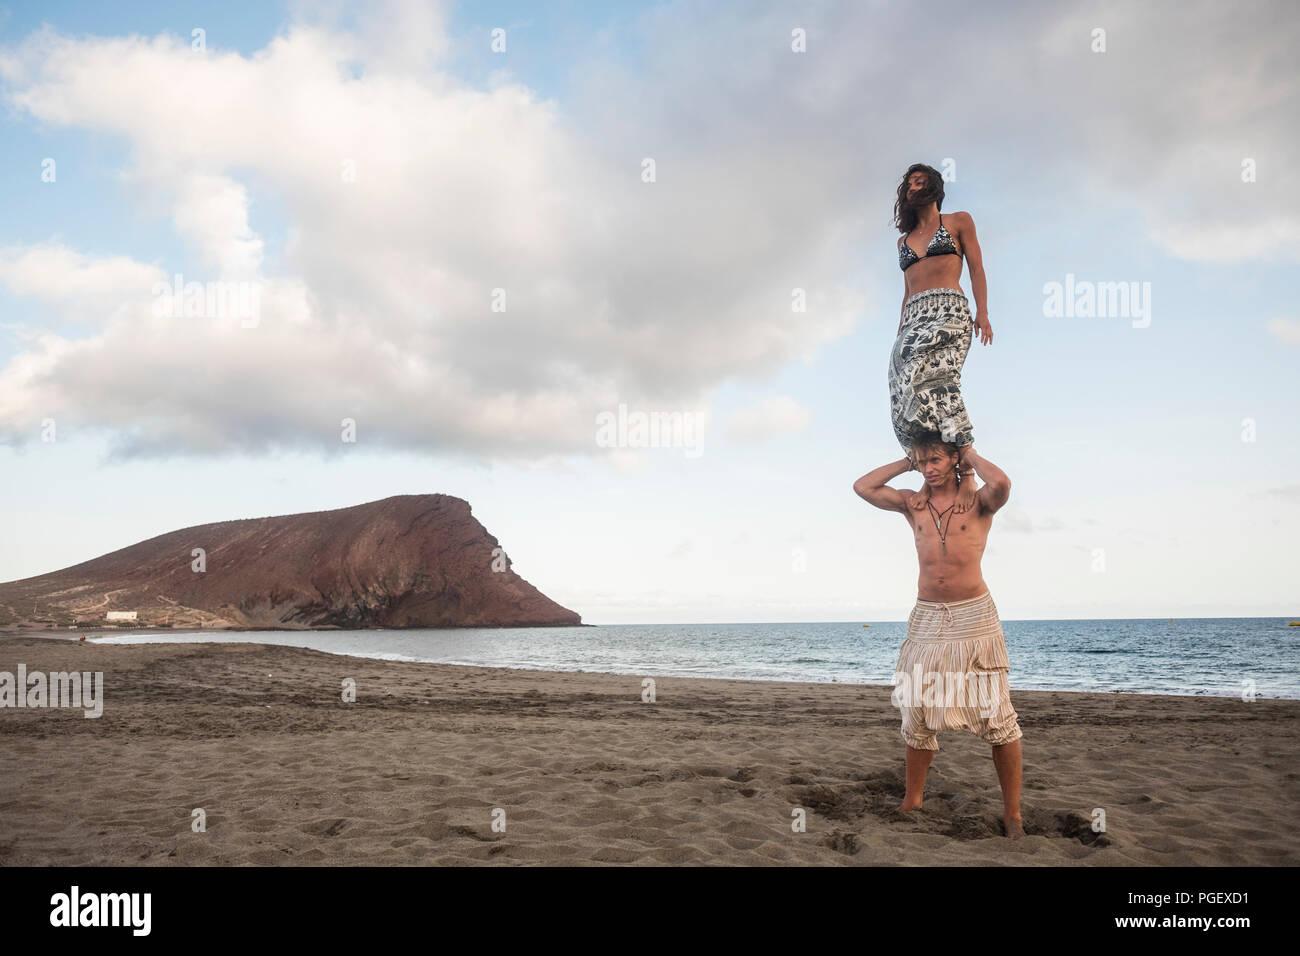 Balnced acrobatica posizione per la bella coraggioso giovane uomo e donna giovani uno permanente fino agli altri sulla spiaggia con vista oceano in background. extr Immagini Stock